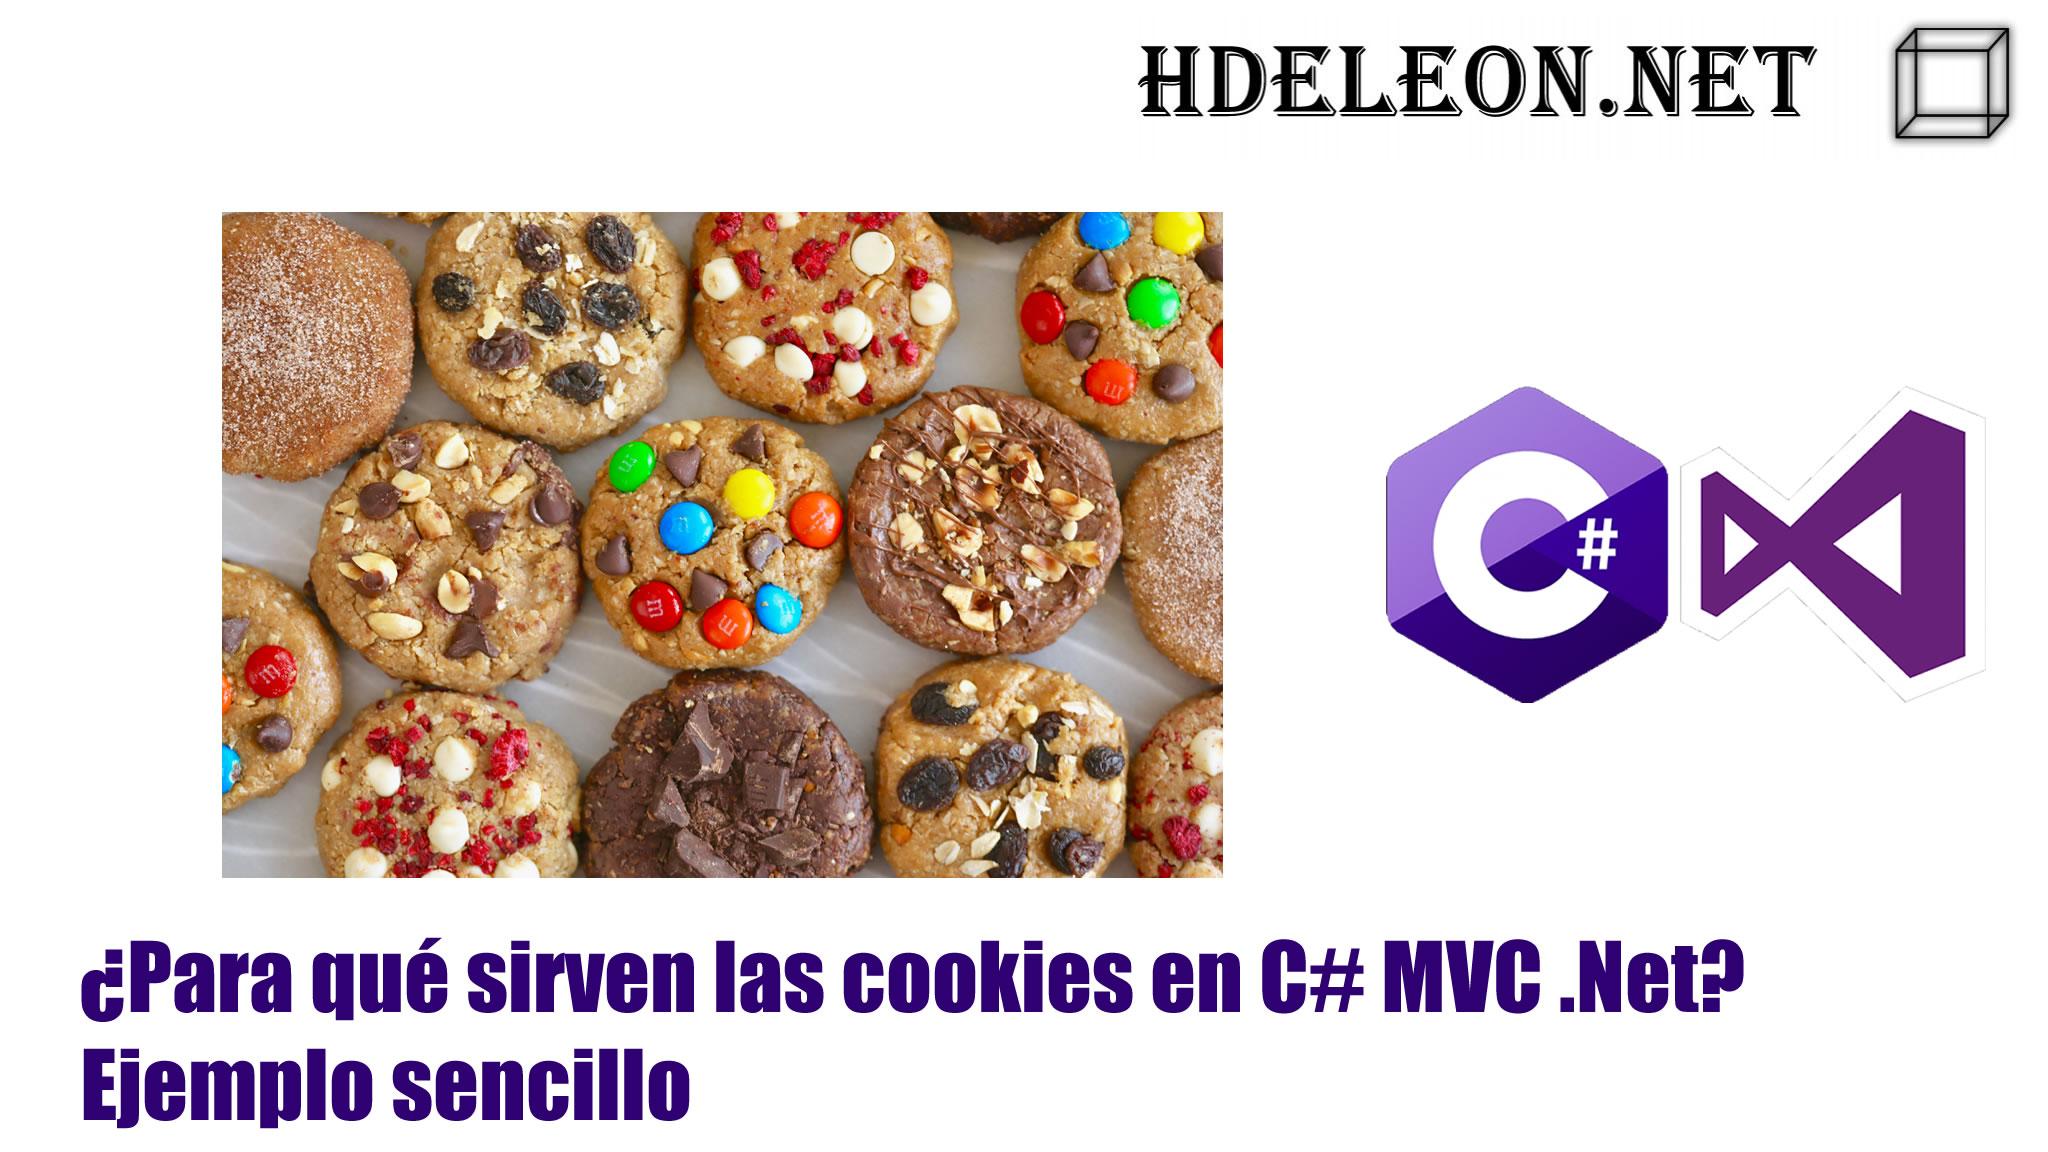 ¿Para qué sirven las cookies en C# MVC .Net?, Ejemplo sencillo